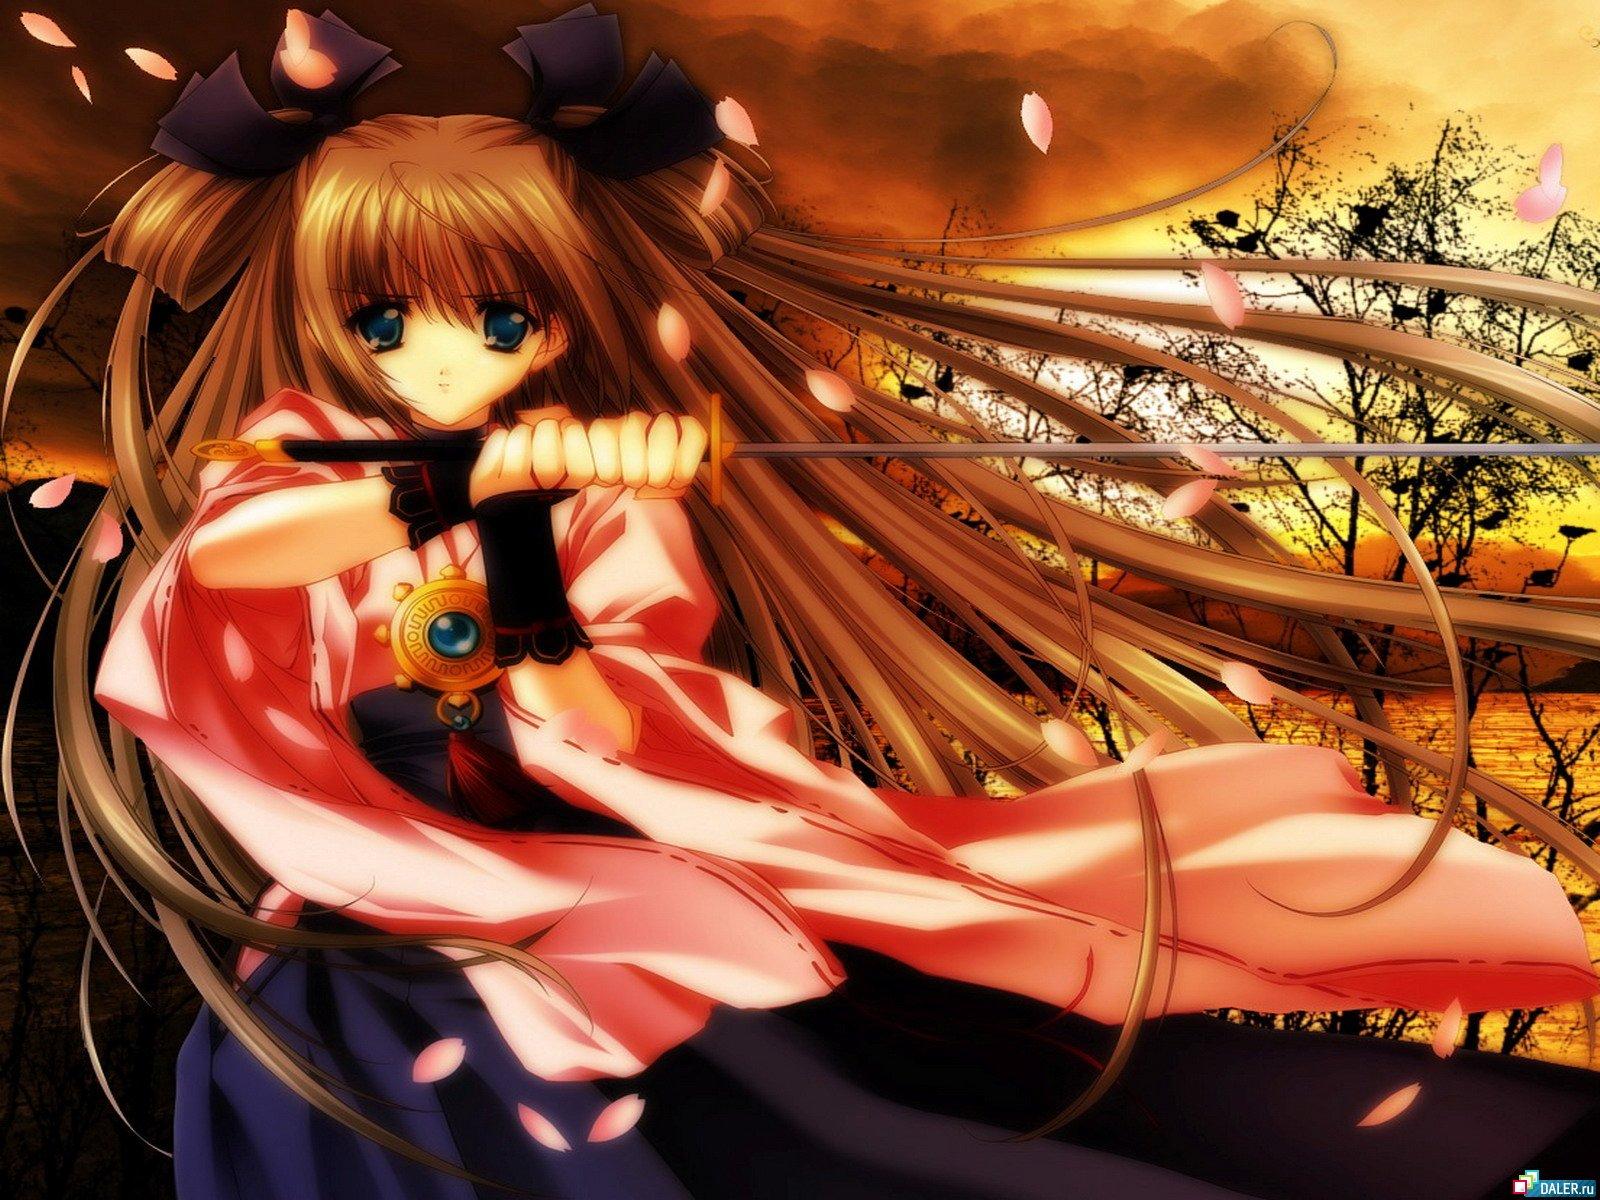 http://3.bp.blogspot.com/_Mw2OIL_qSqo/TK6tz-5n6FI/AAAAAAAABC0/WvImzWkoIk4/s1600/Anime+Wallpaper+12.jpg